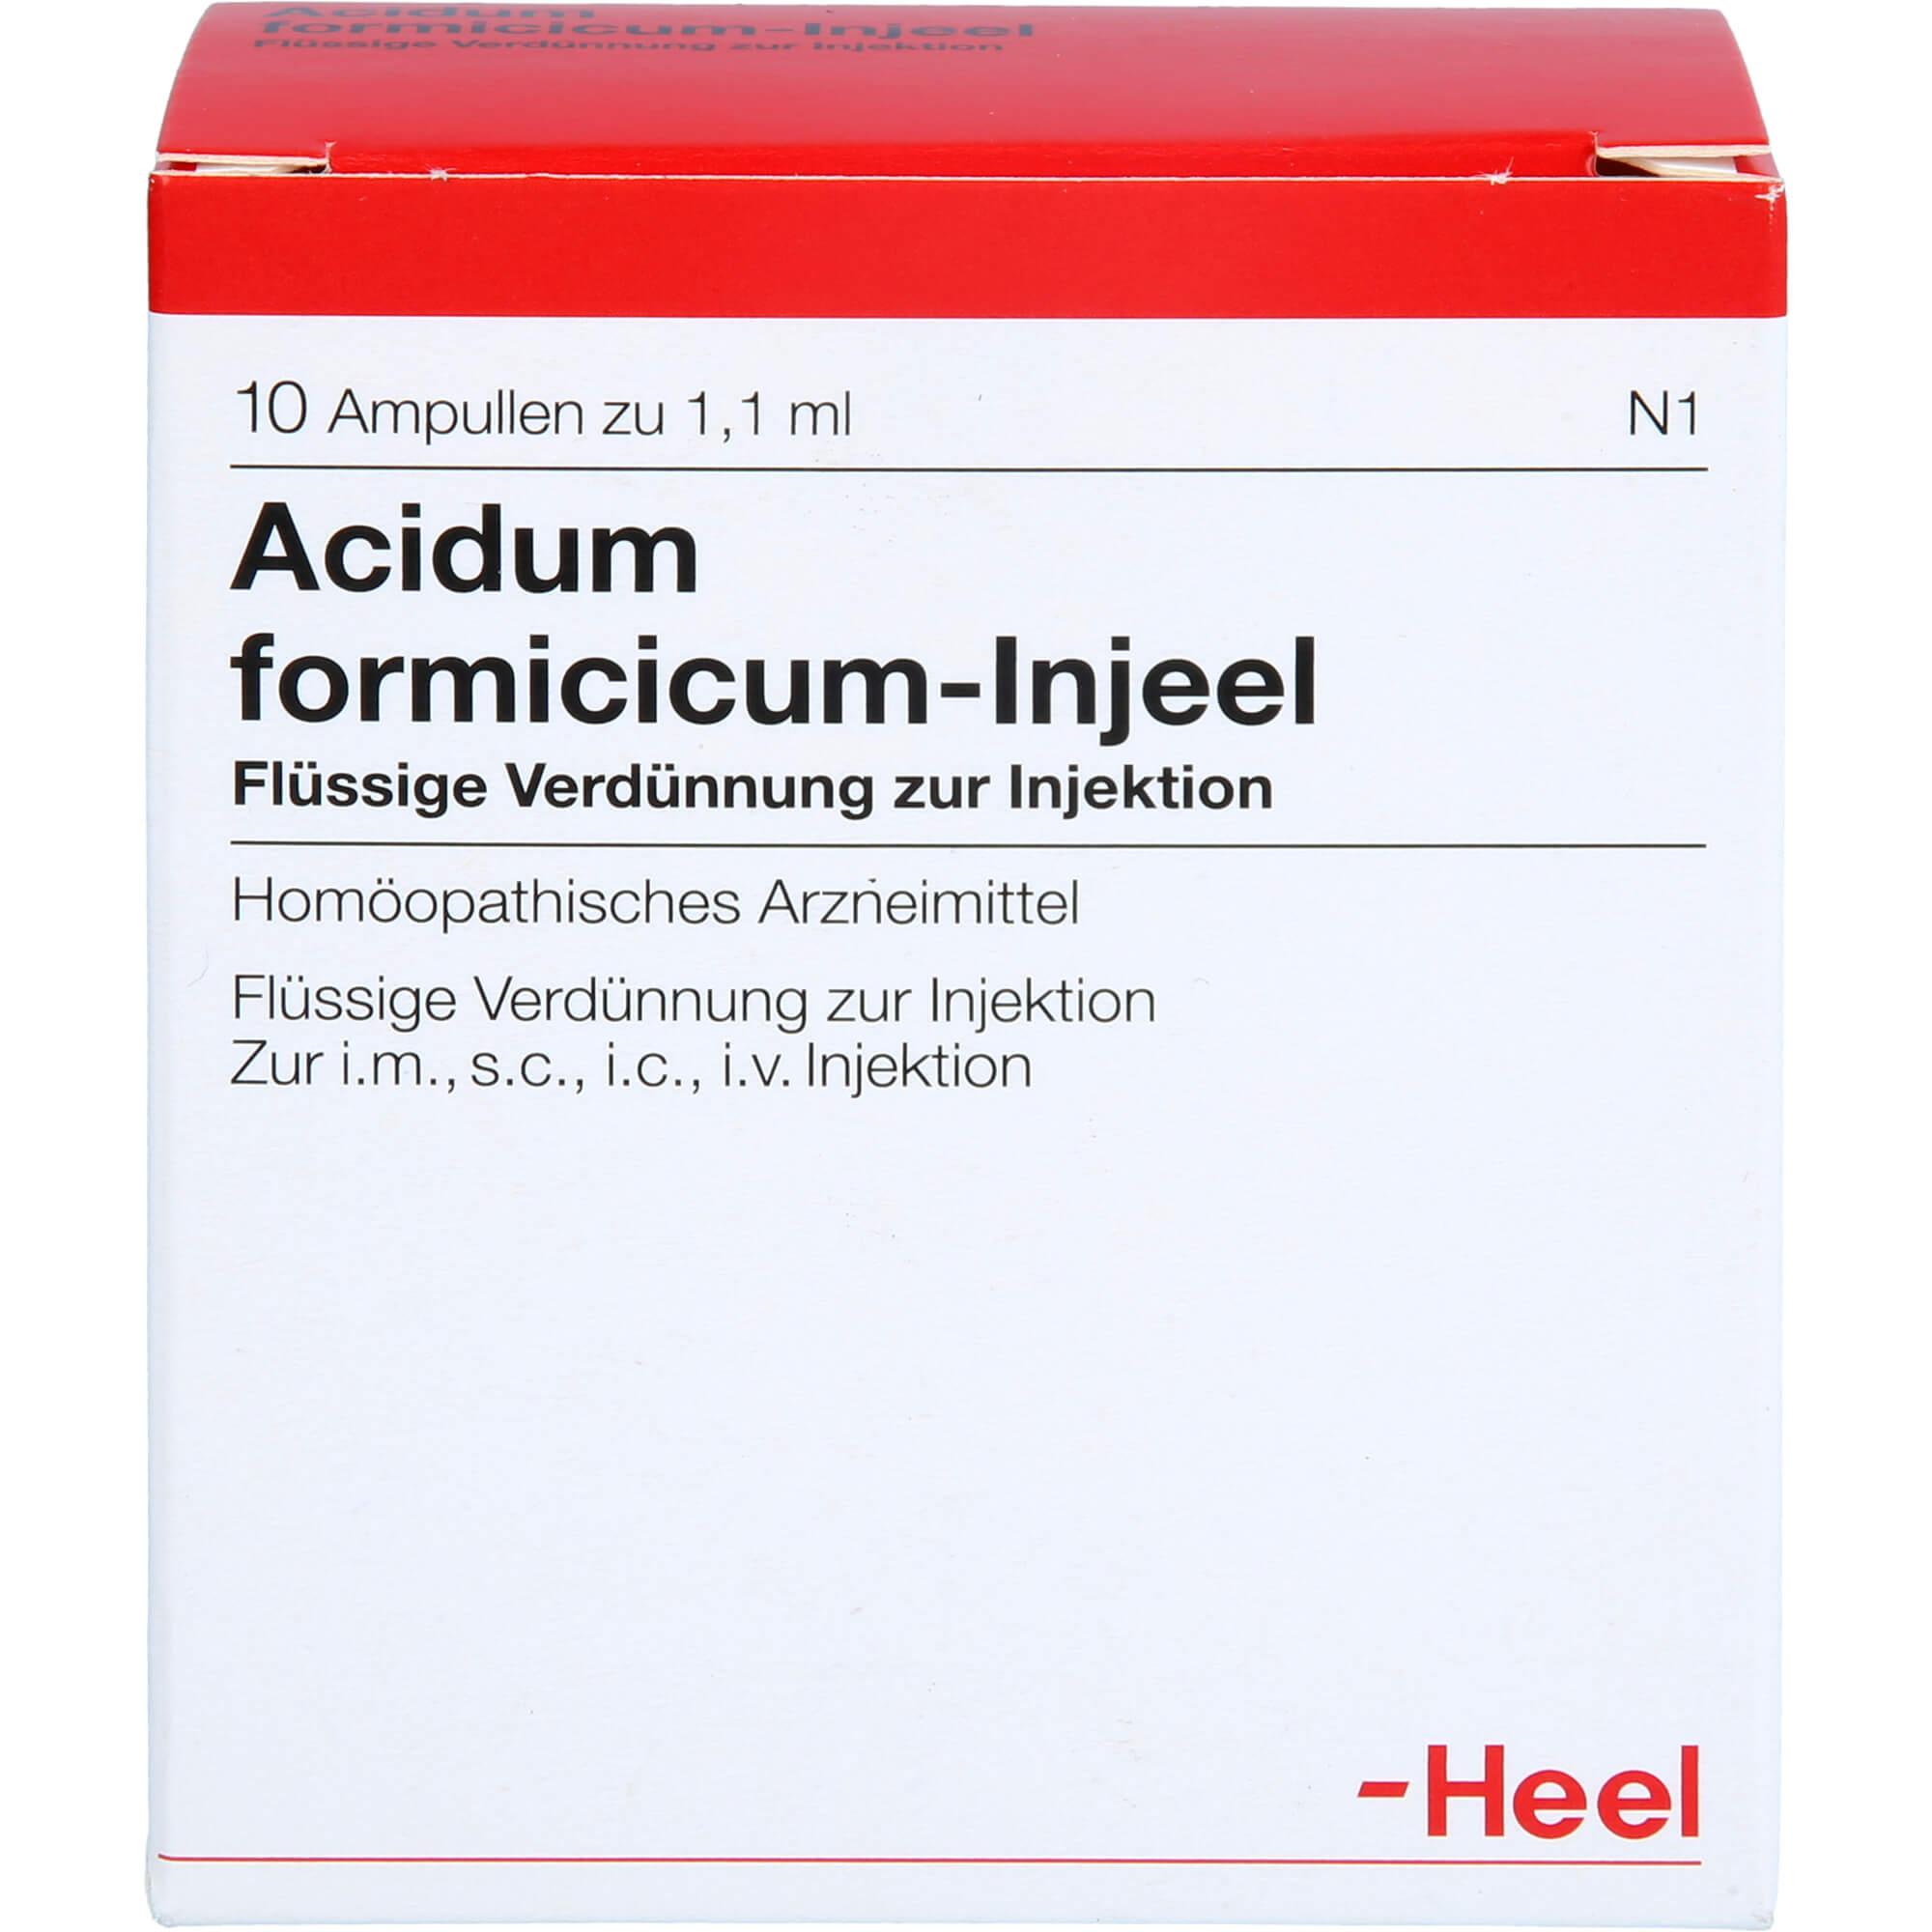 ACIDUM-FORMICICUM-INJEEL-Ampullen